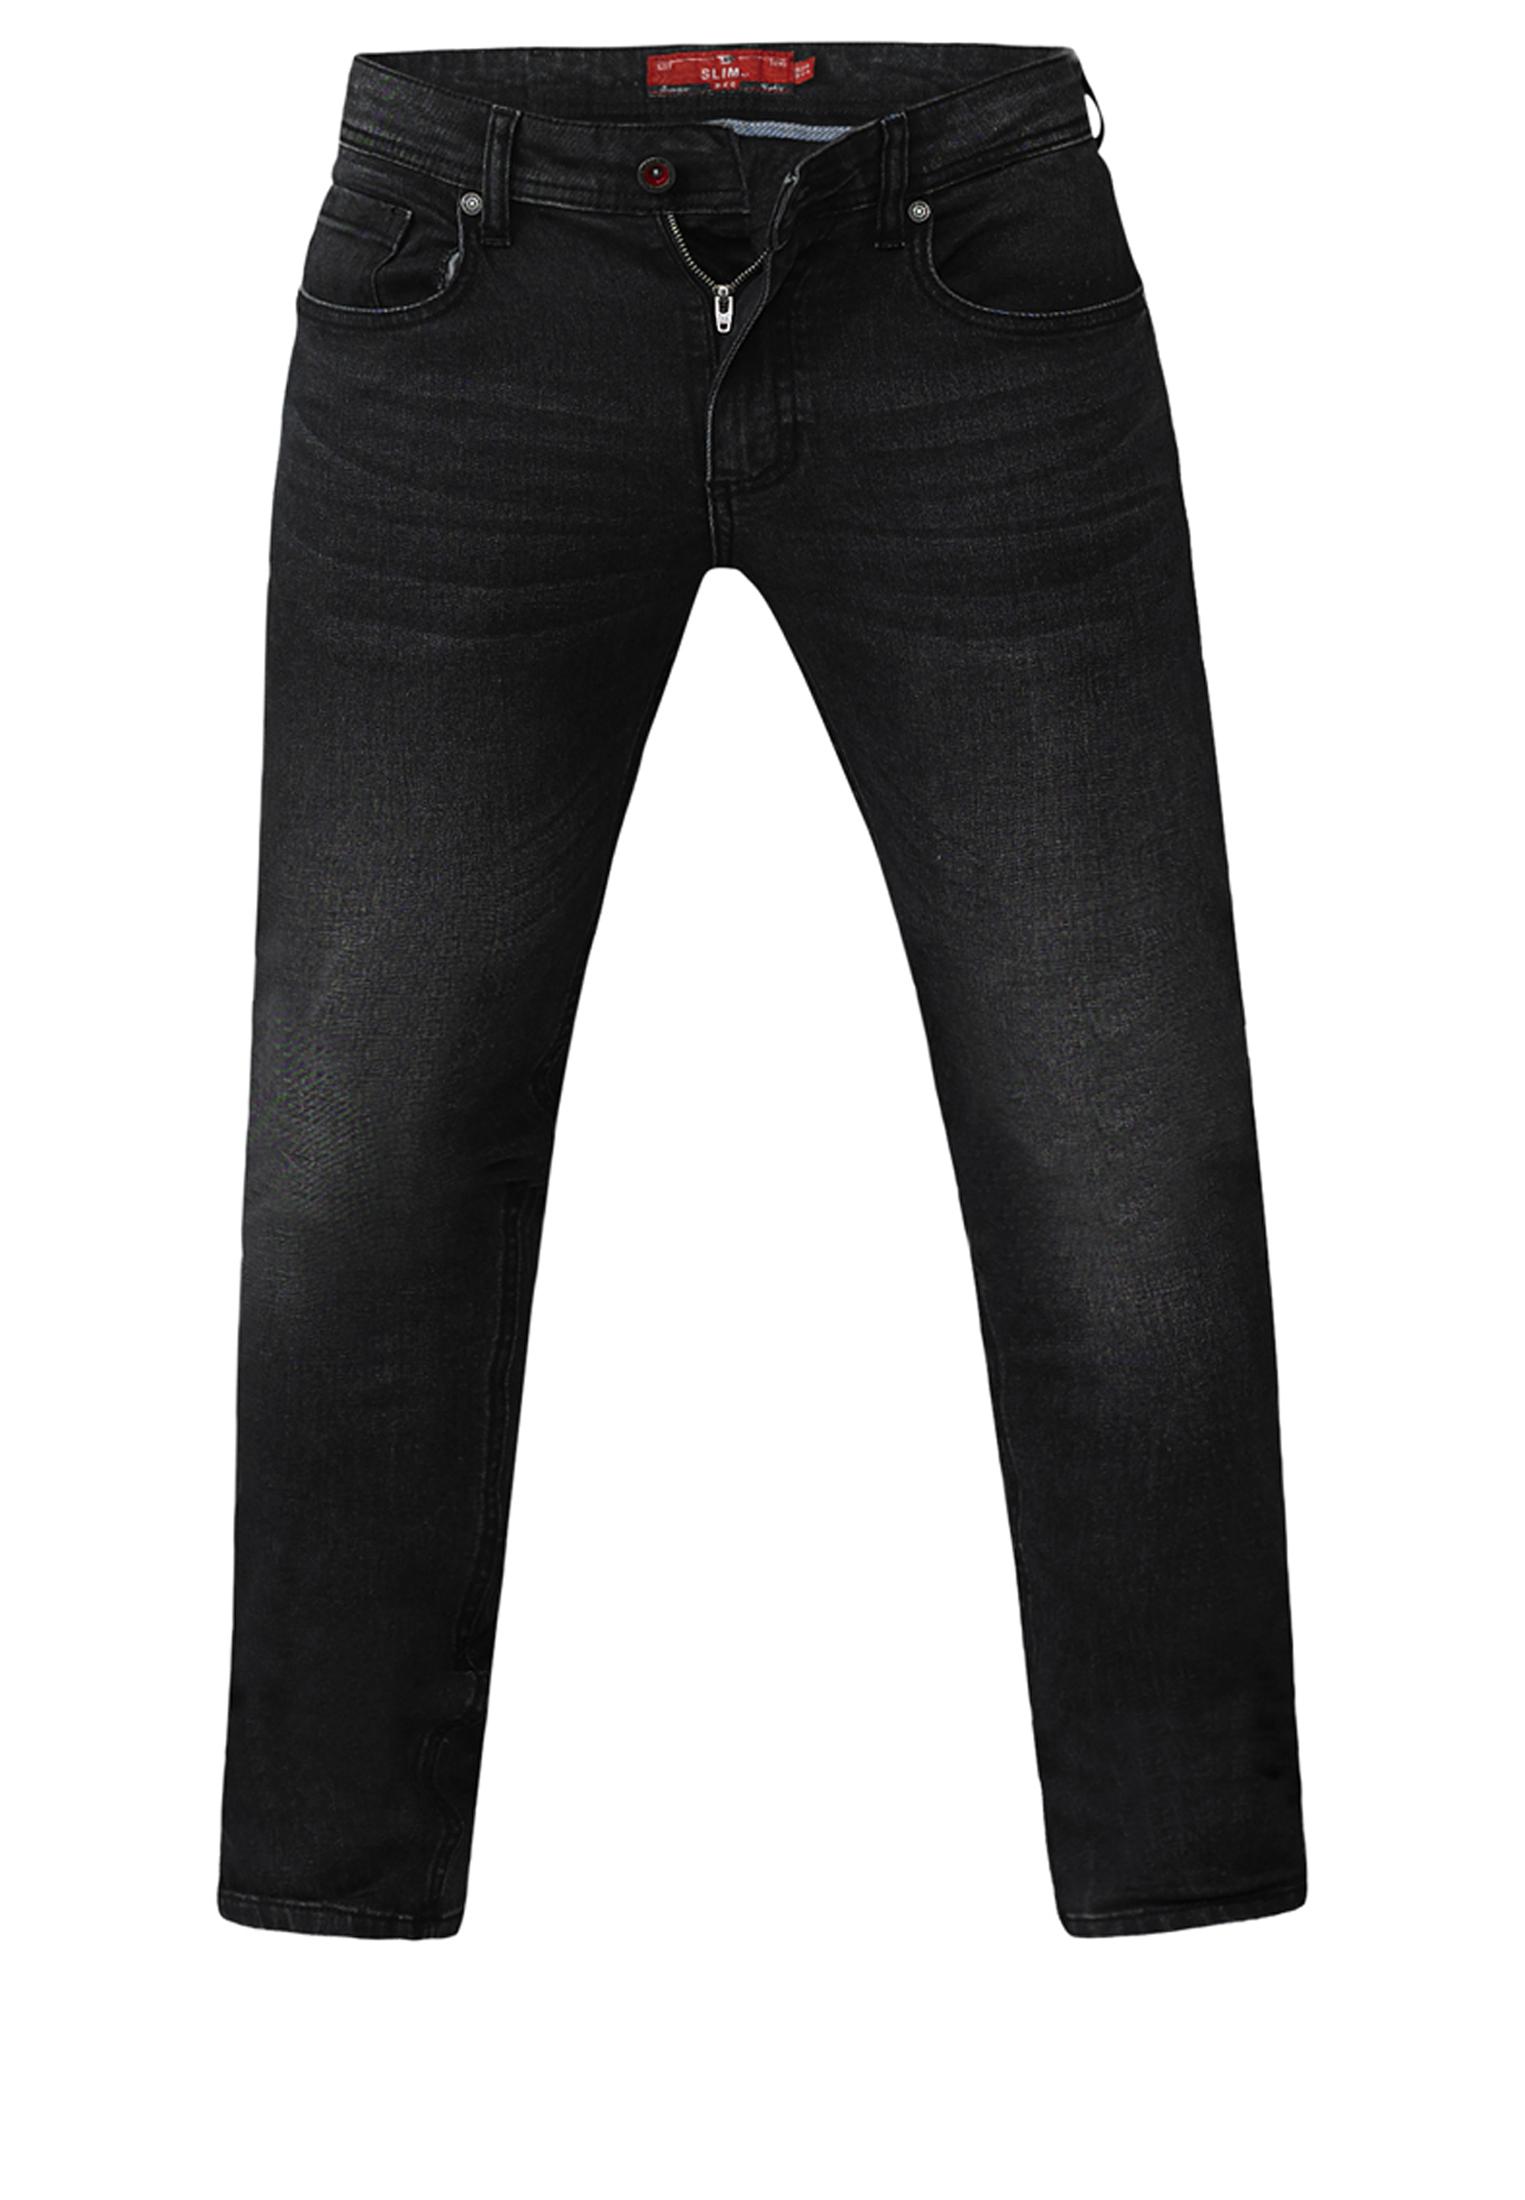 Een grijze stonewashed stretch Jeans met knoop- en ritssluiting, 2 steekzakken en 1 muntzakje, 2 open zakken aan de achterkant en een logo op de achterkant van de tailleband. Gemaakt van extra zachte stretch katoen voor fantastisch draagcomfort.